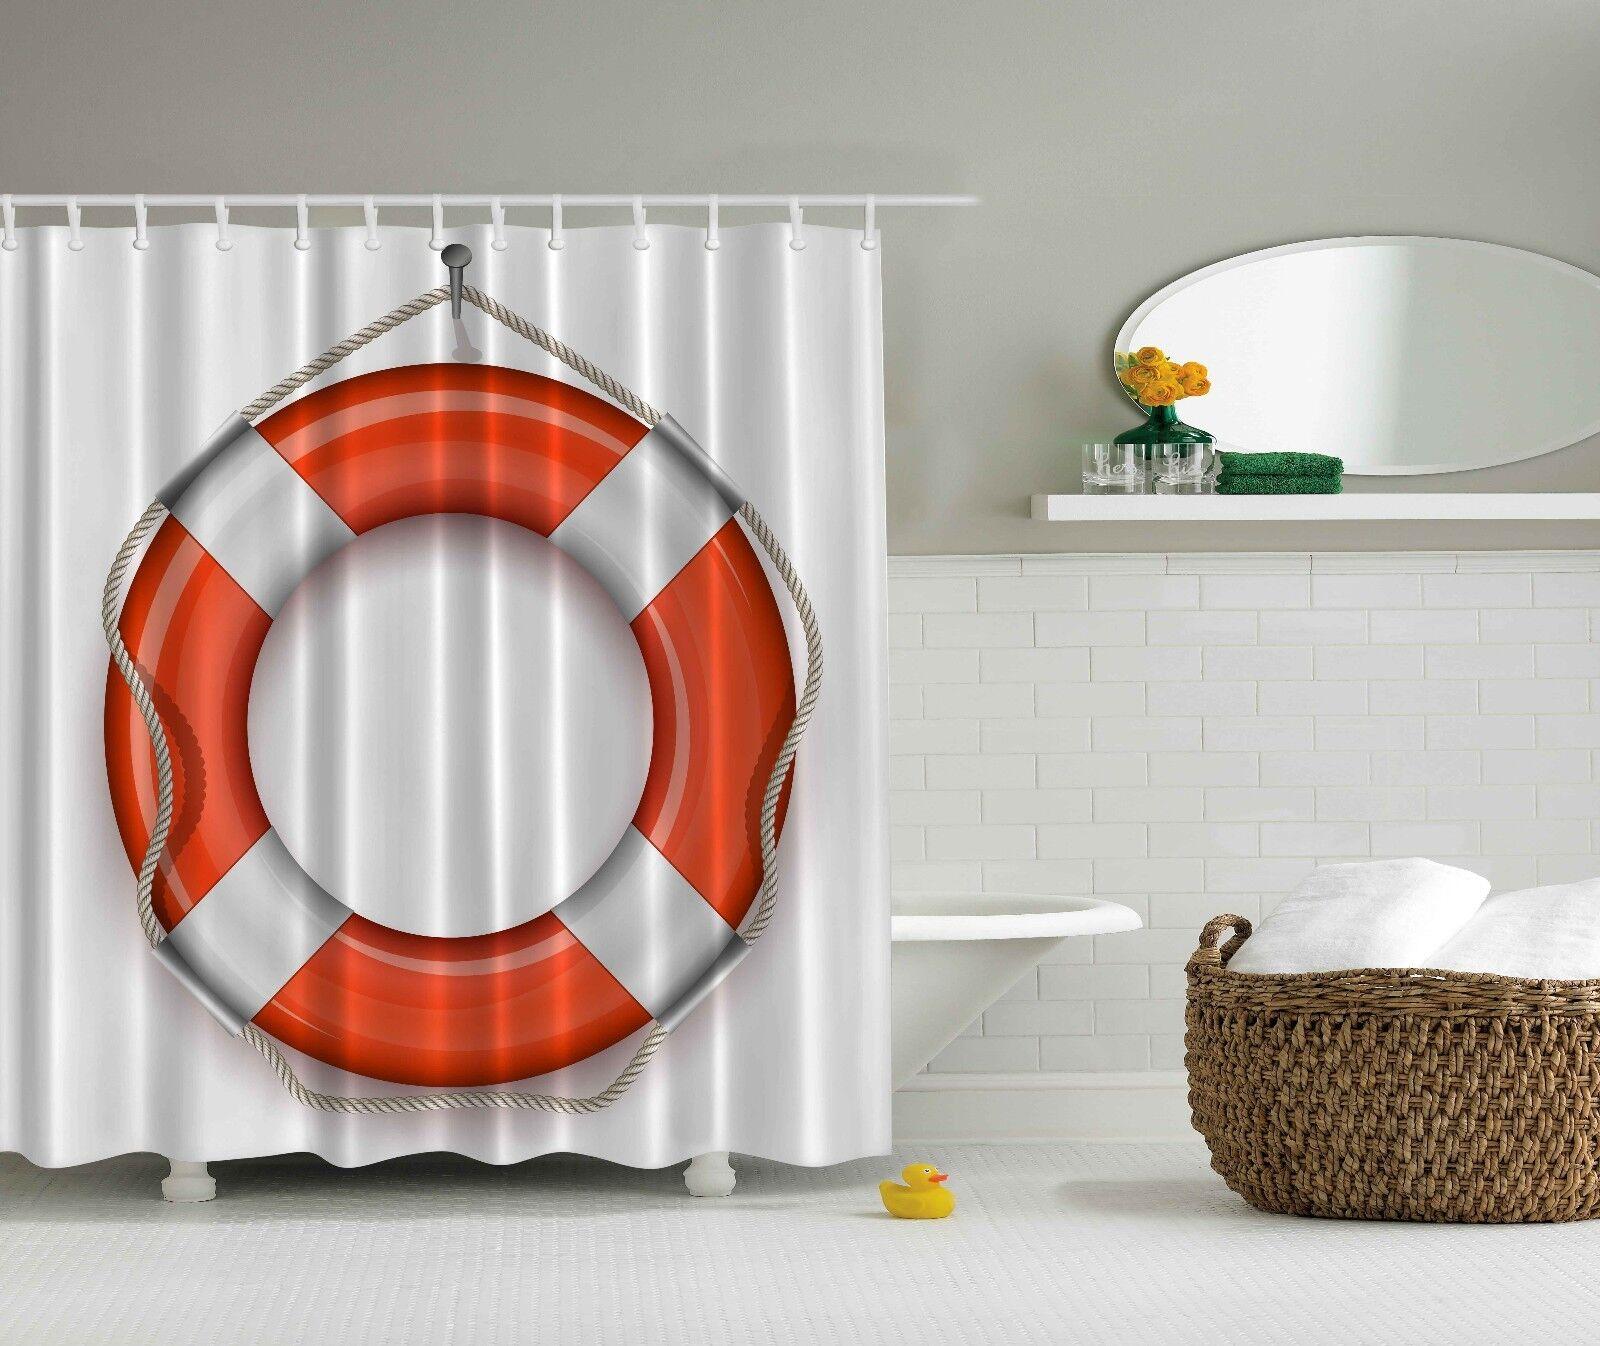 Nautical Coastal Marine Decor Life Belt Orange Shower Curtain Extra Long 84 Inch D6c500